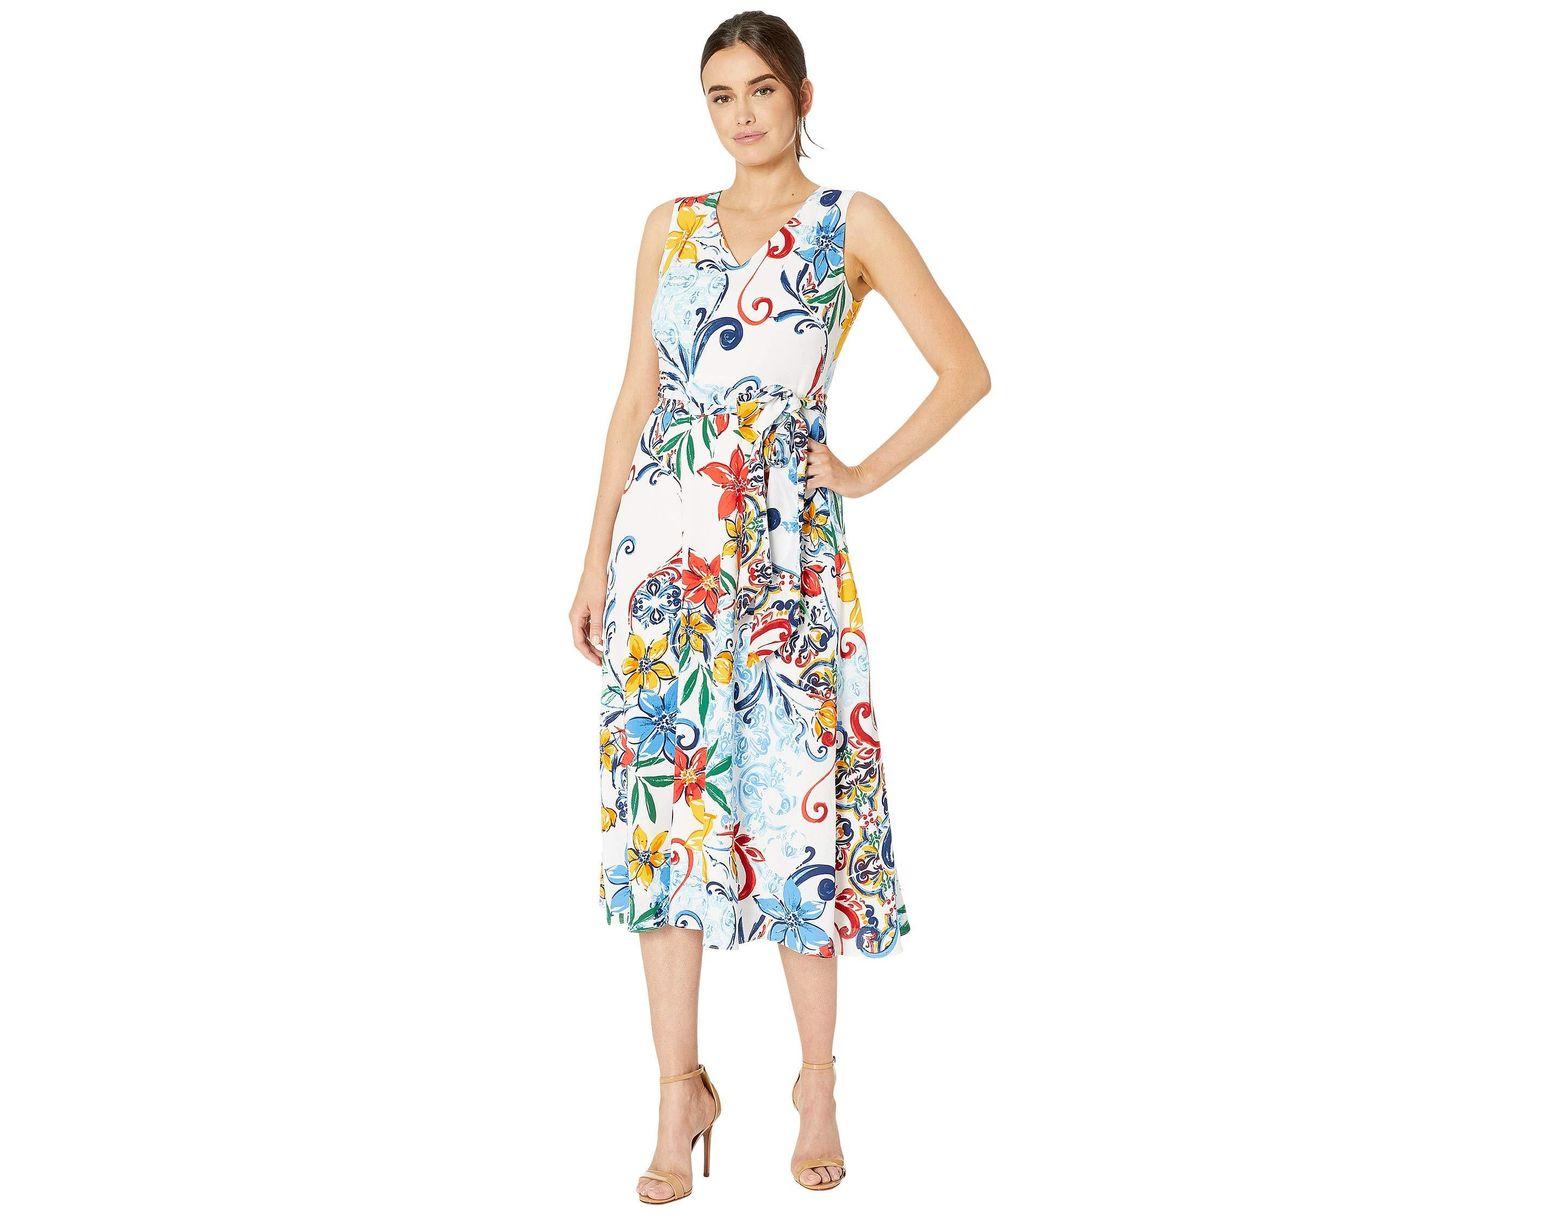 66ef2923b76d2 Women's Blue Multicolor Pebble Crepe Side Tie Dress